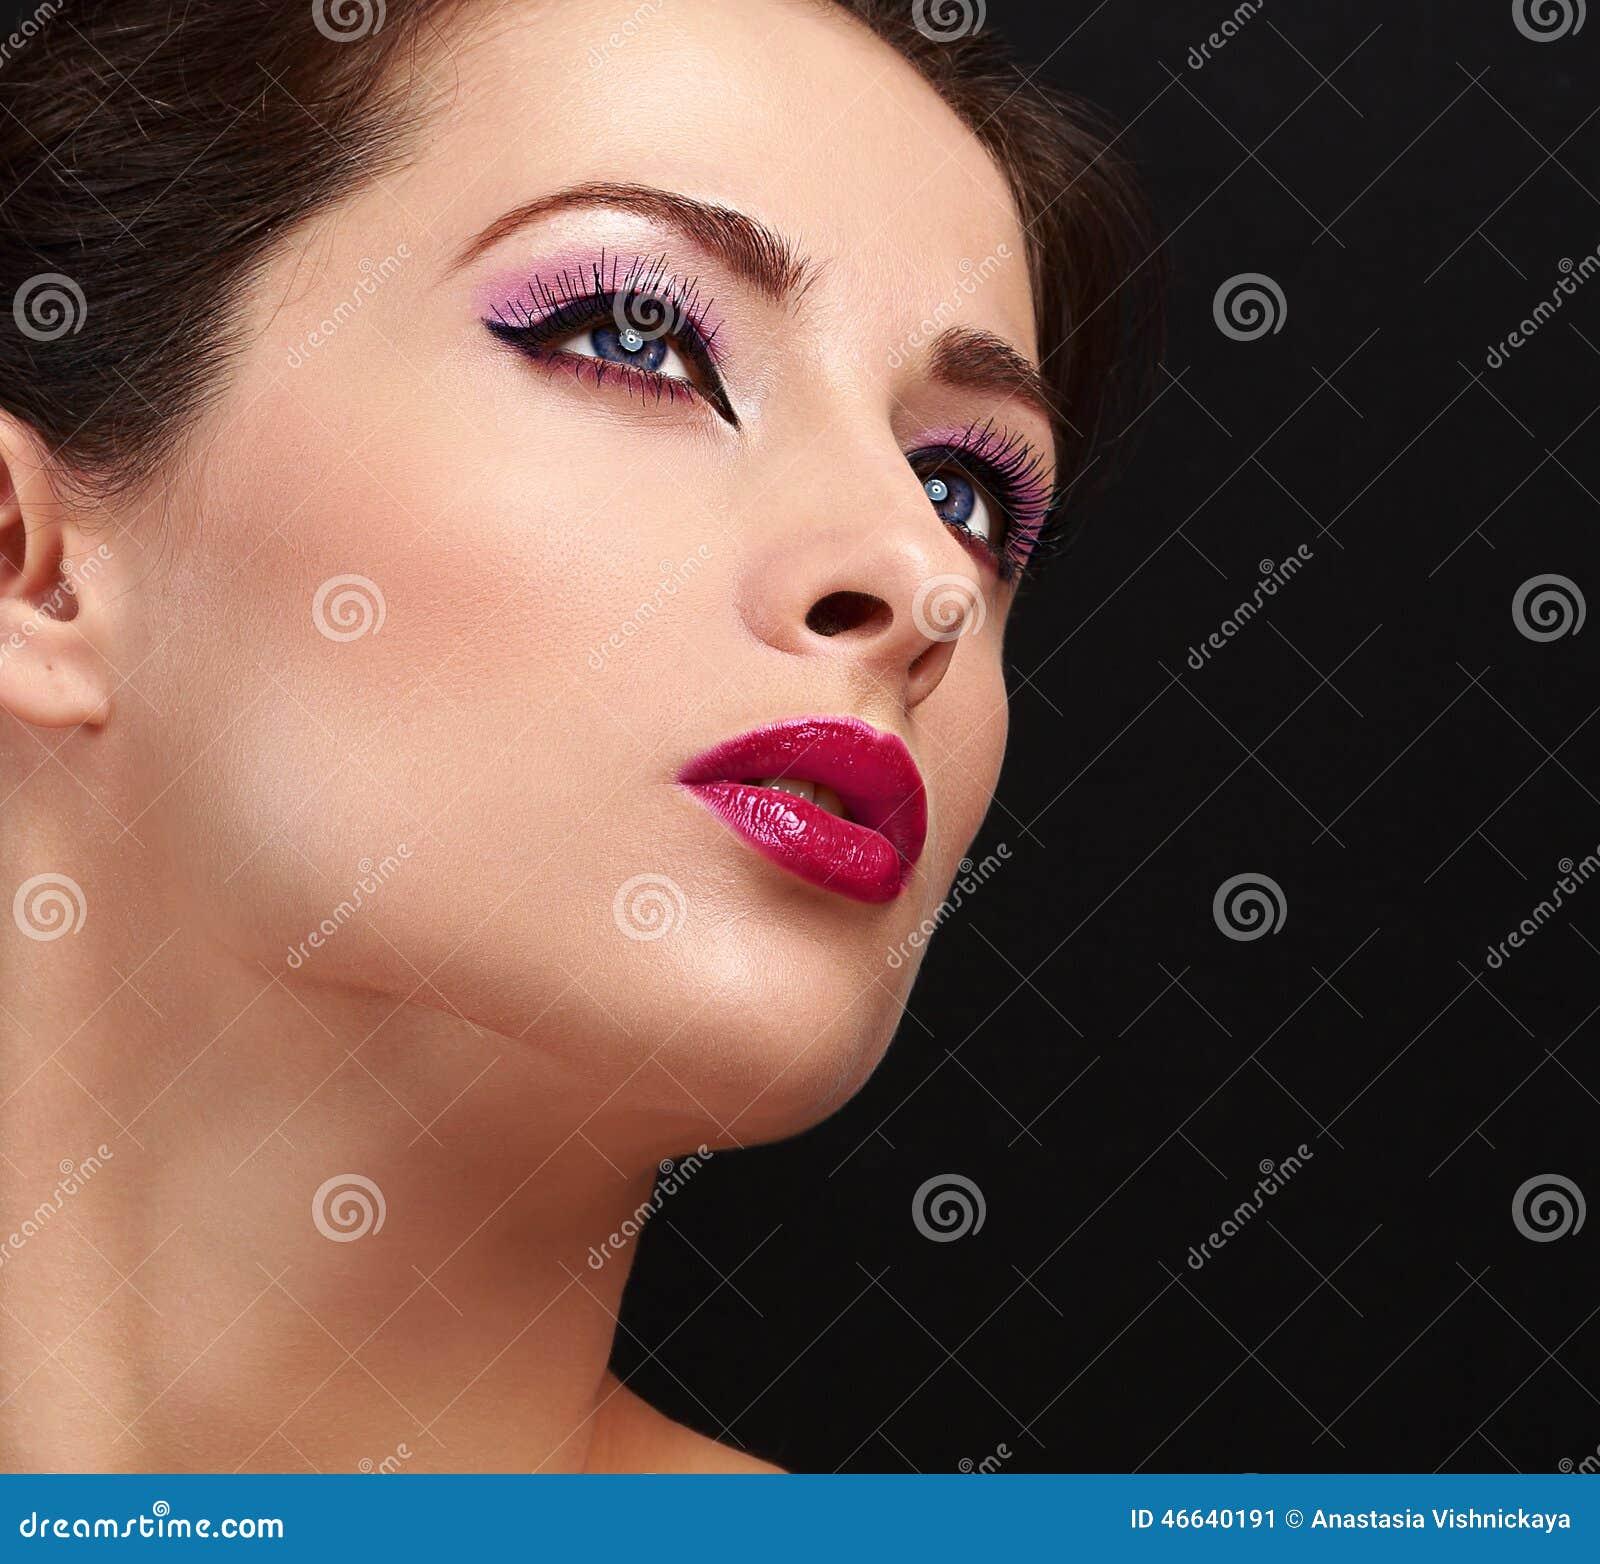 maquillage chic de visage de femme longs m ches et rouge l vres de lustre closeup image stock. Black Bedroom Furniture Sets. Home Design Ideas